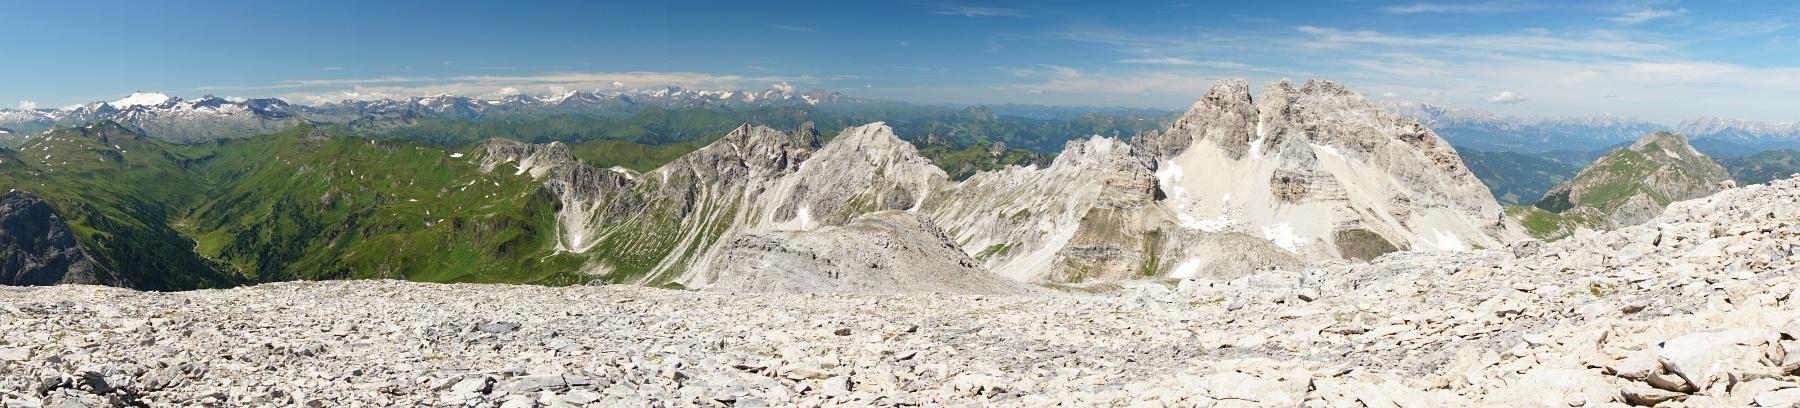 Herrliches Panorama vom hinteren Riedingtal über den Weißgrubenkopf bis zum Faulkogel und weiter zur Ennskraxn. Liks im Hintergrund das Glocknergebiet. (Klick zur Vergrößerung)